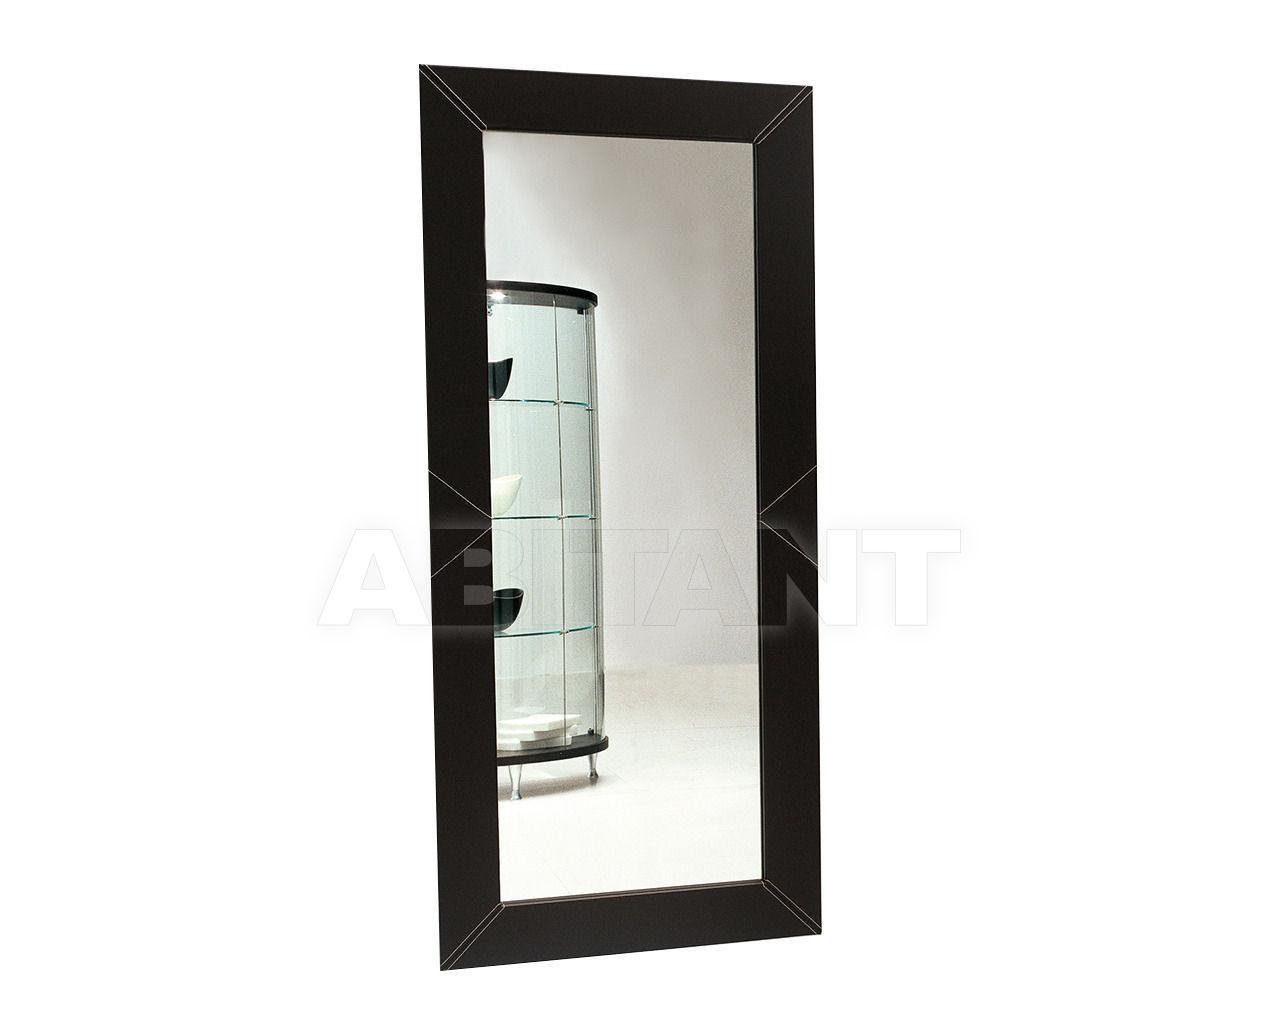 Купить Зеркало настенное Harlem  Tonin Casa Rossa 5033